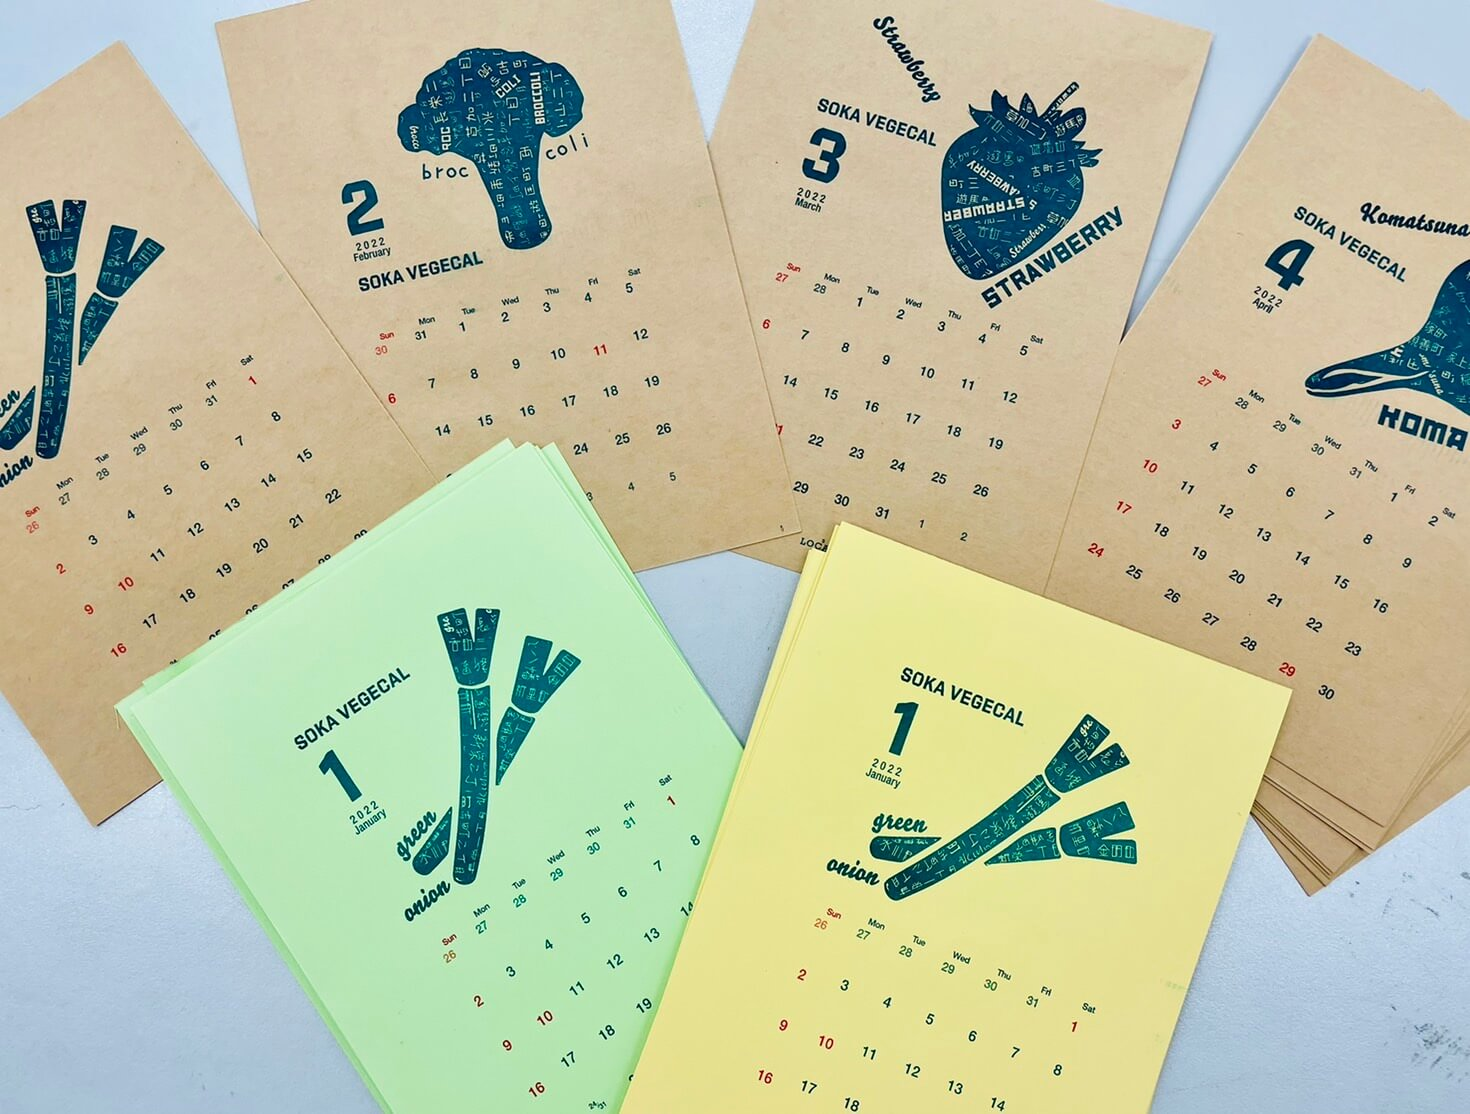 ローカルWEBメディア・地域サイト 草加ローカルストーリー 草加リソグラフ部 草加野菜カレンダーワークショップ 印刷例